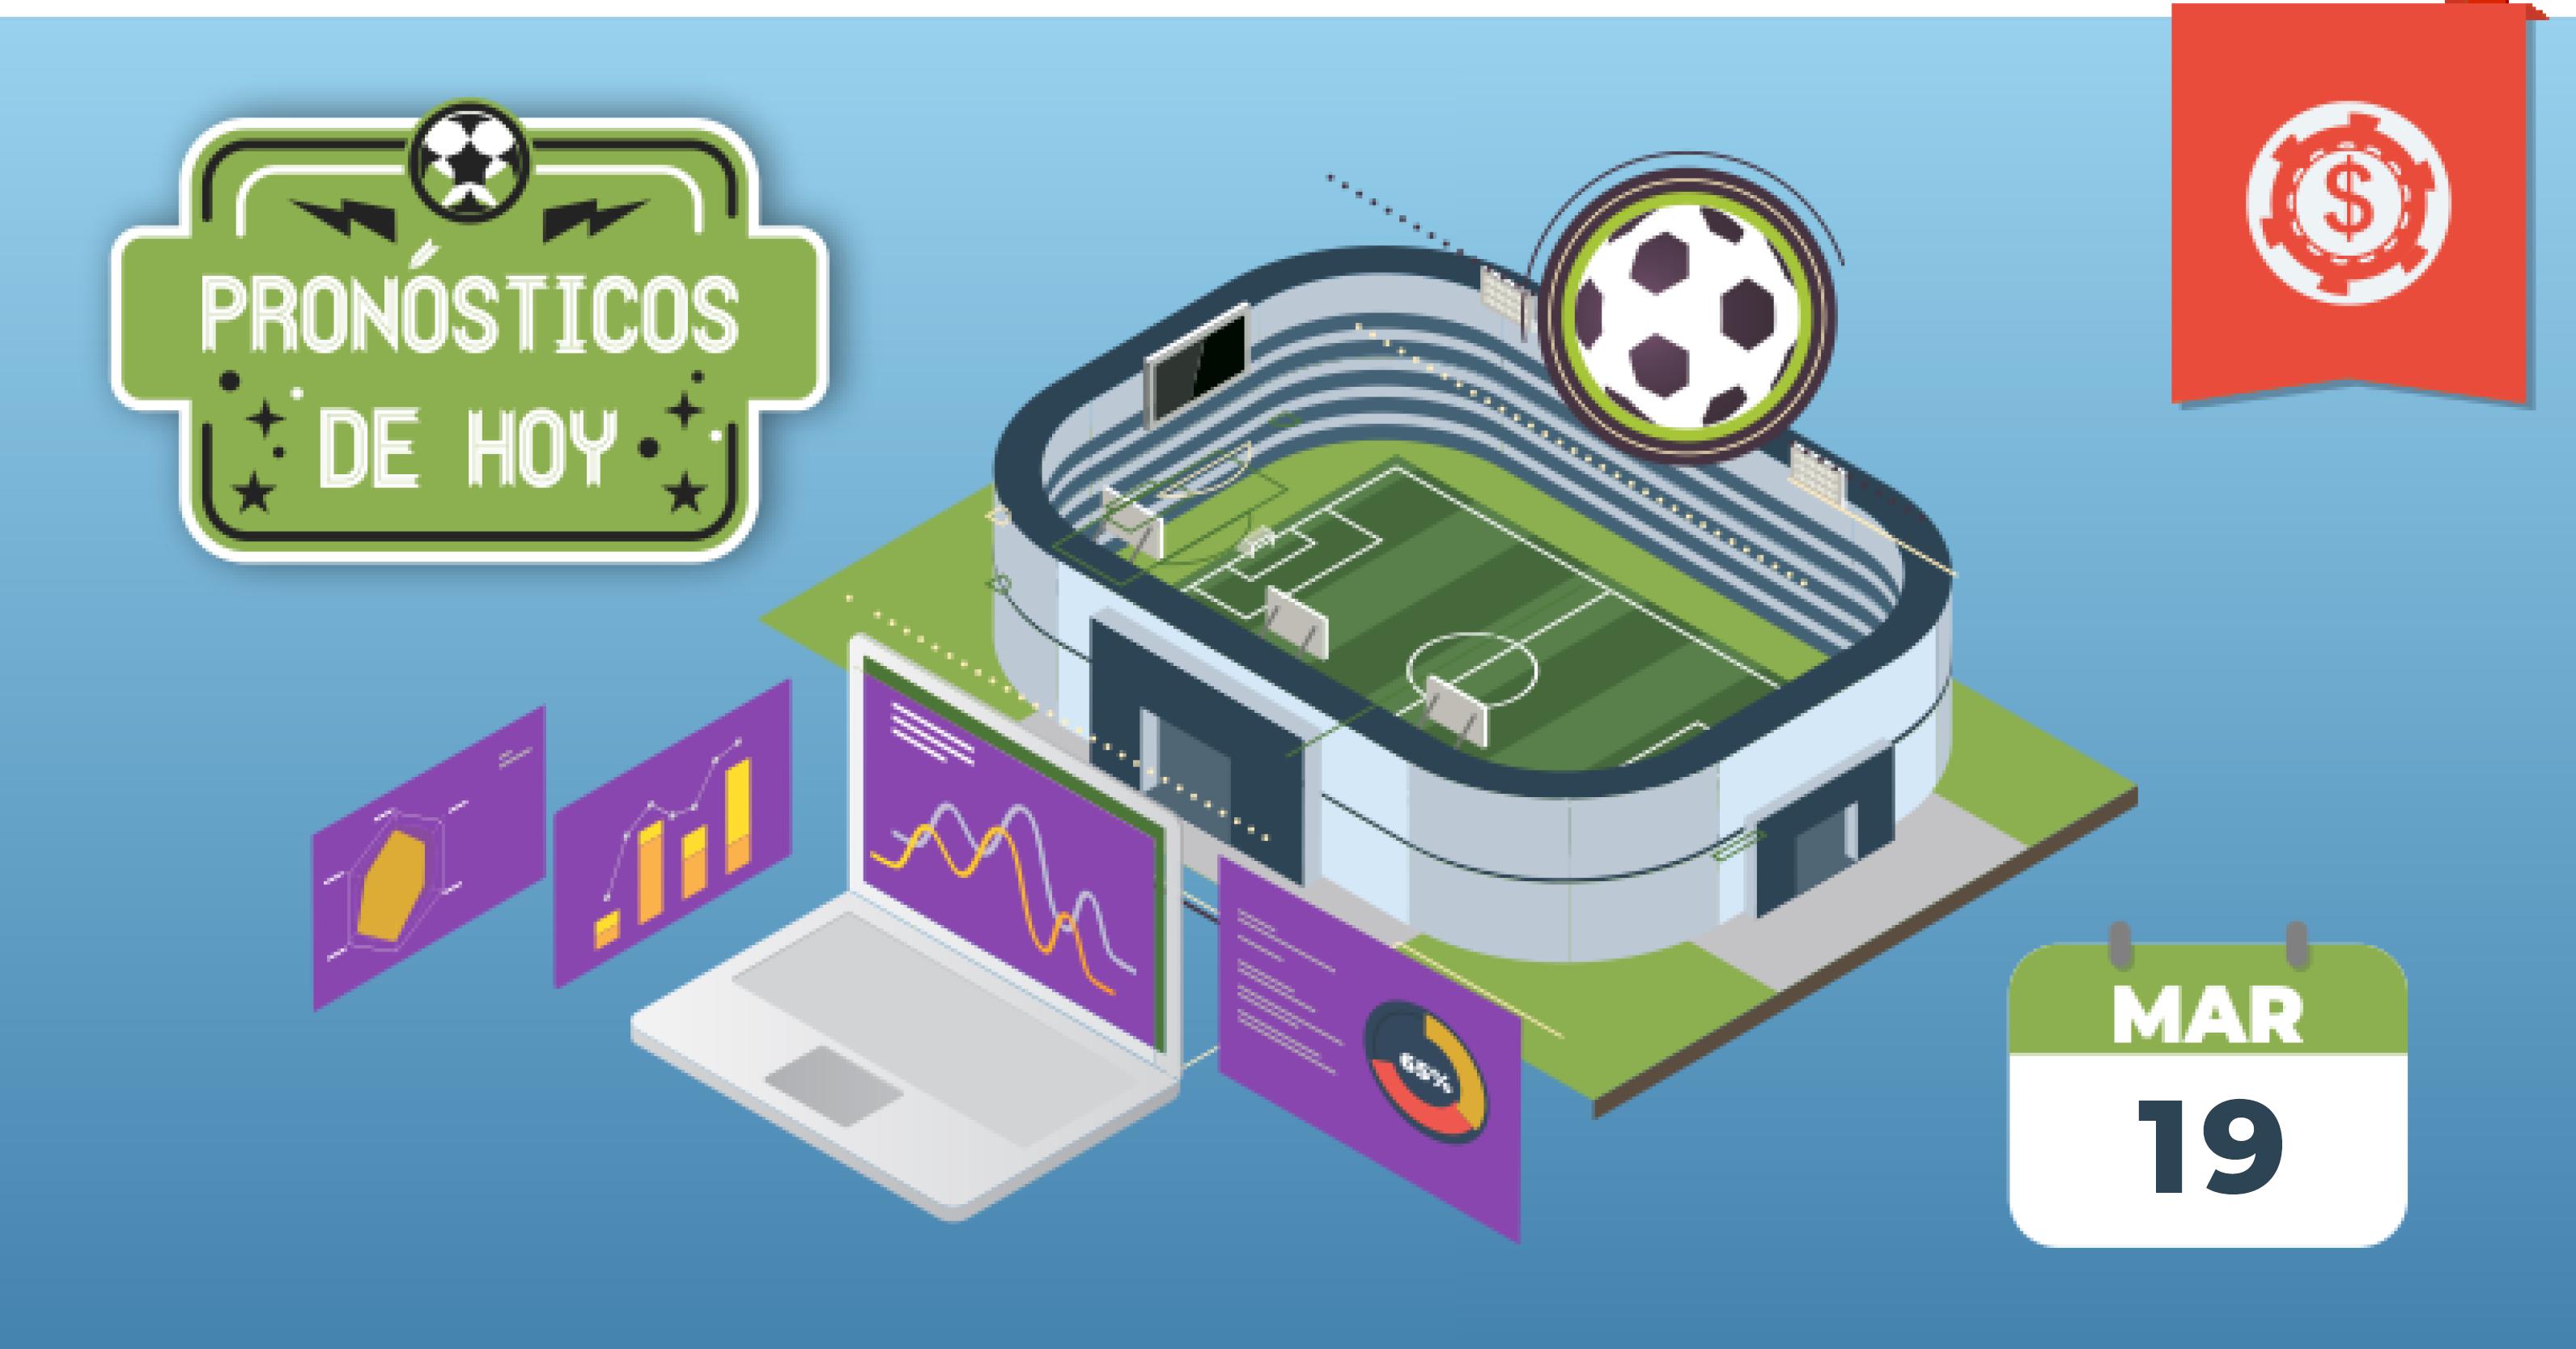 pronosticos-futbol-hoy-predicciones-19-marzo-2019